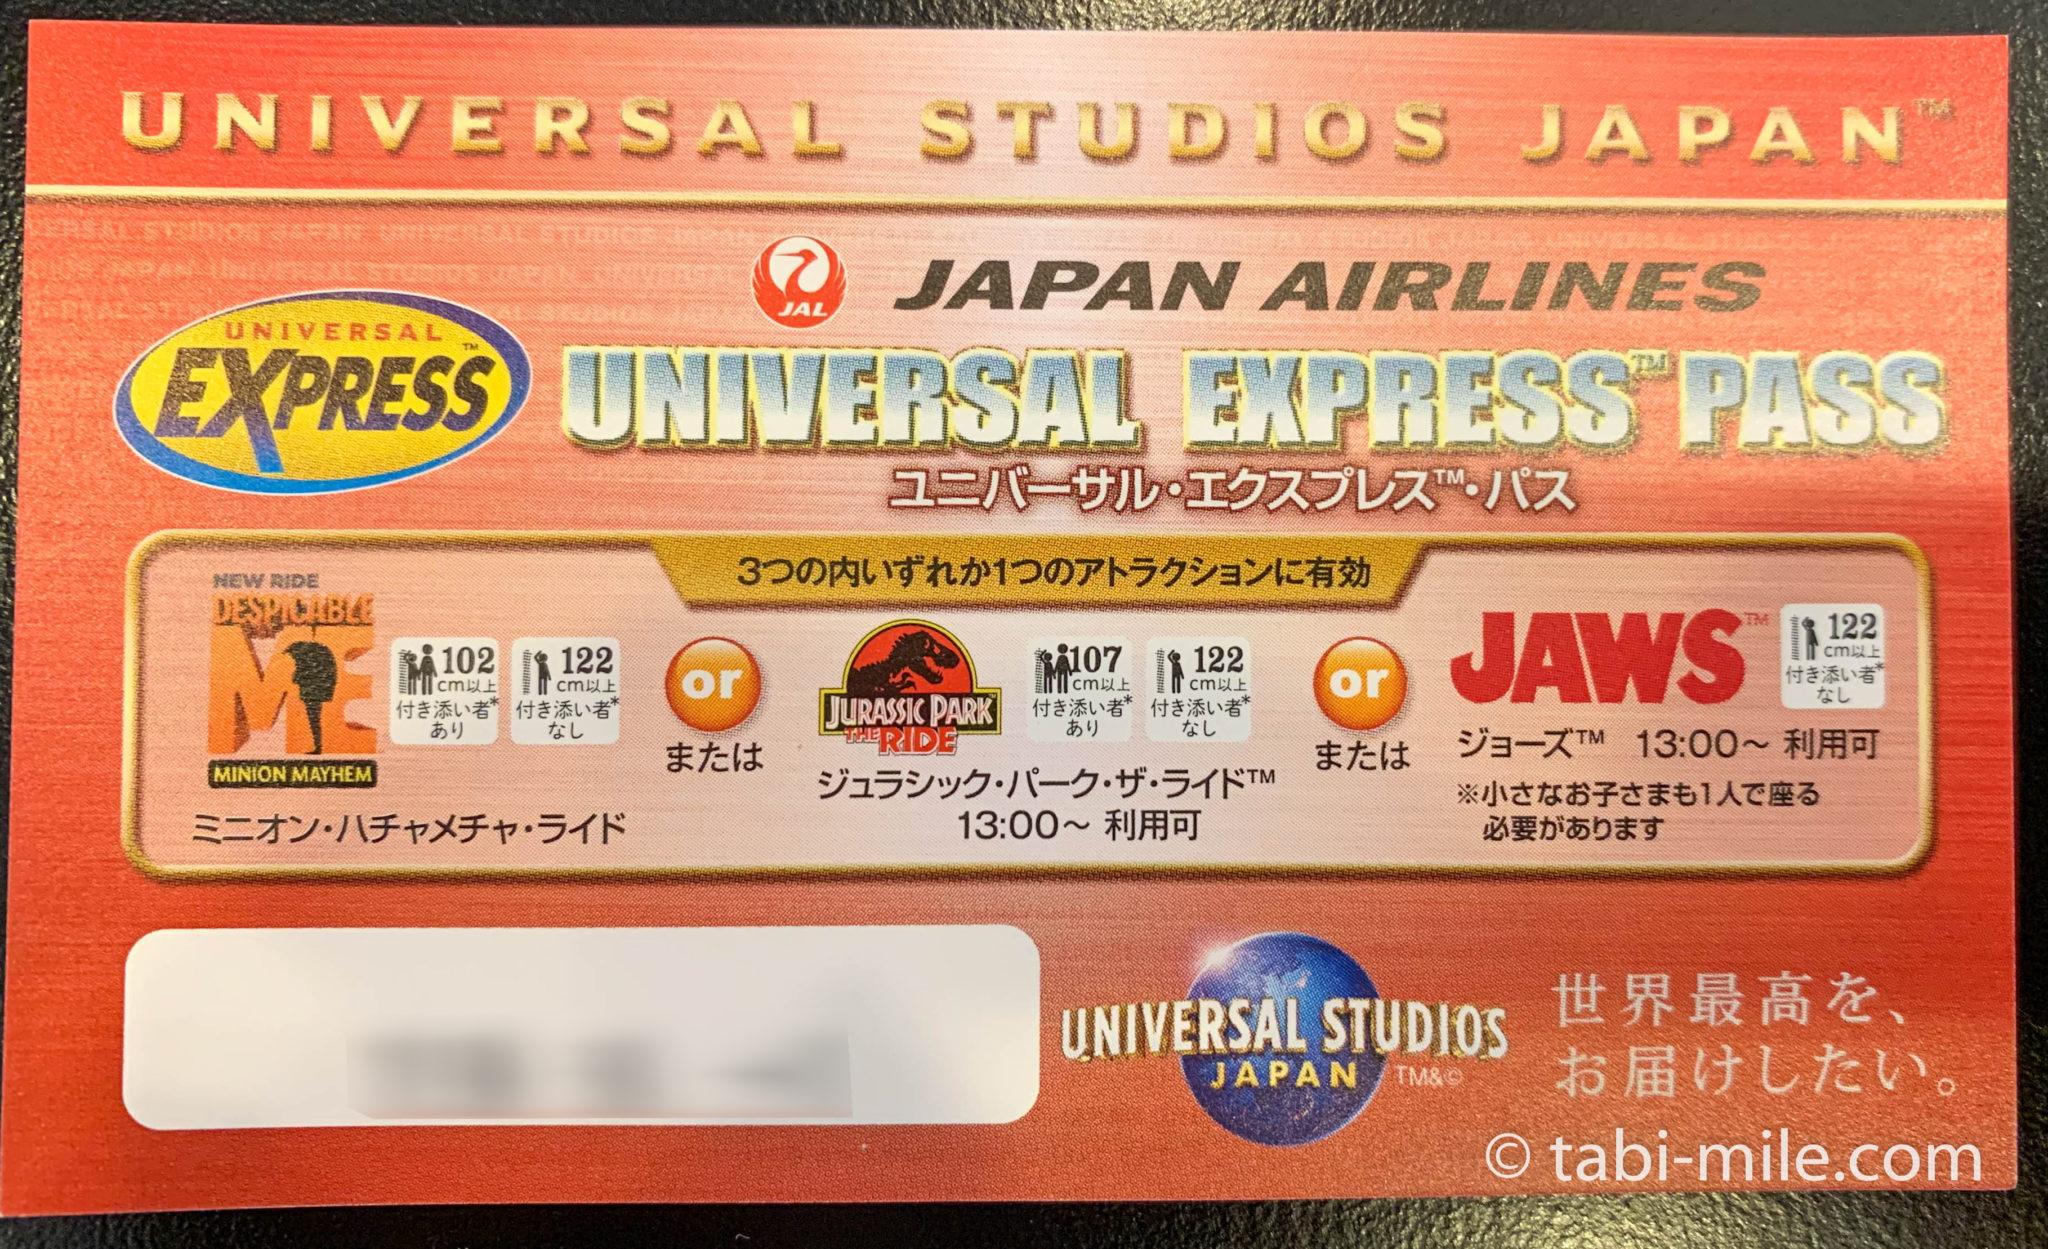 ユニバーサルスタジオジャパン(USJ)JALラウンジ